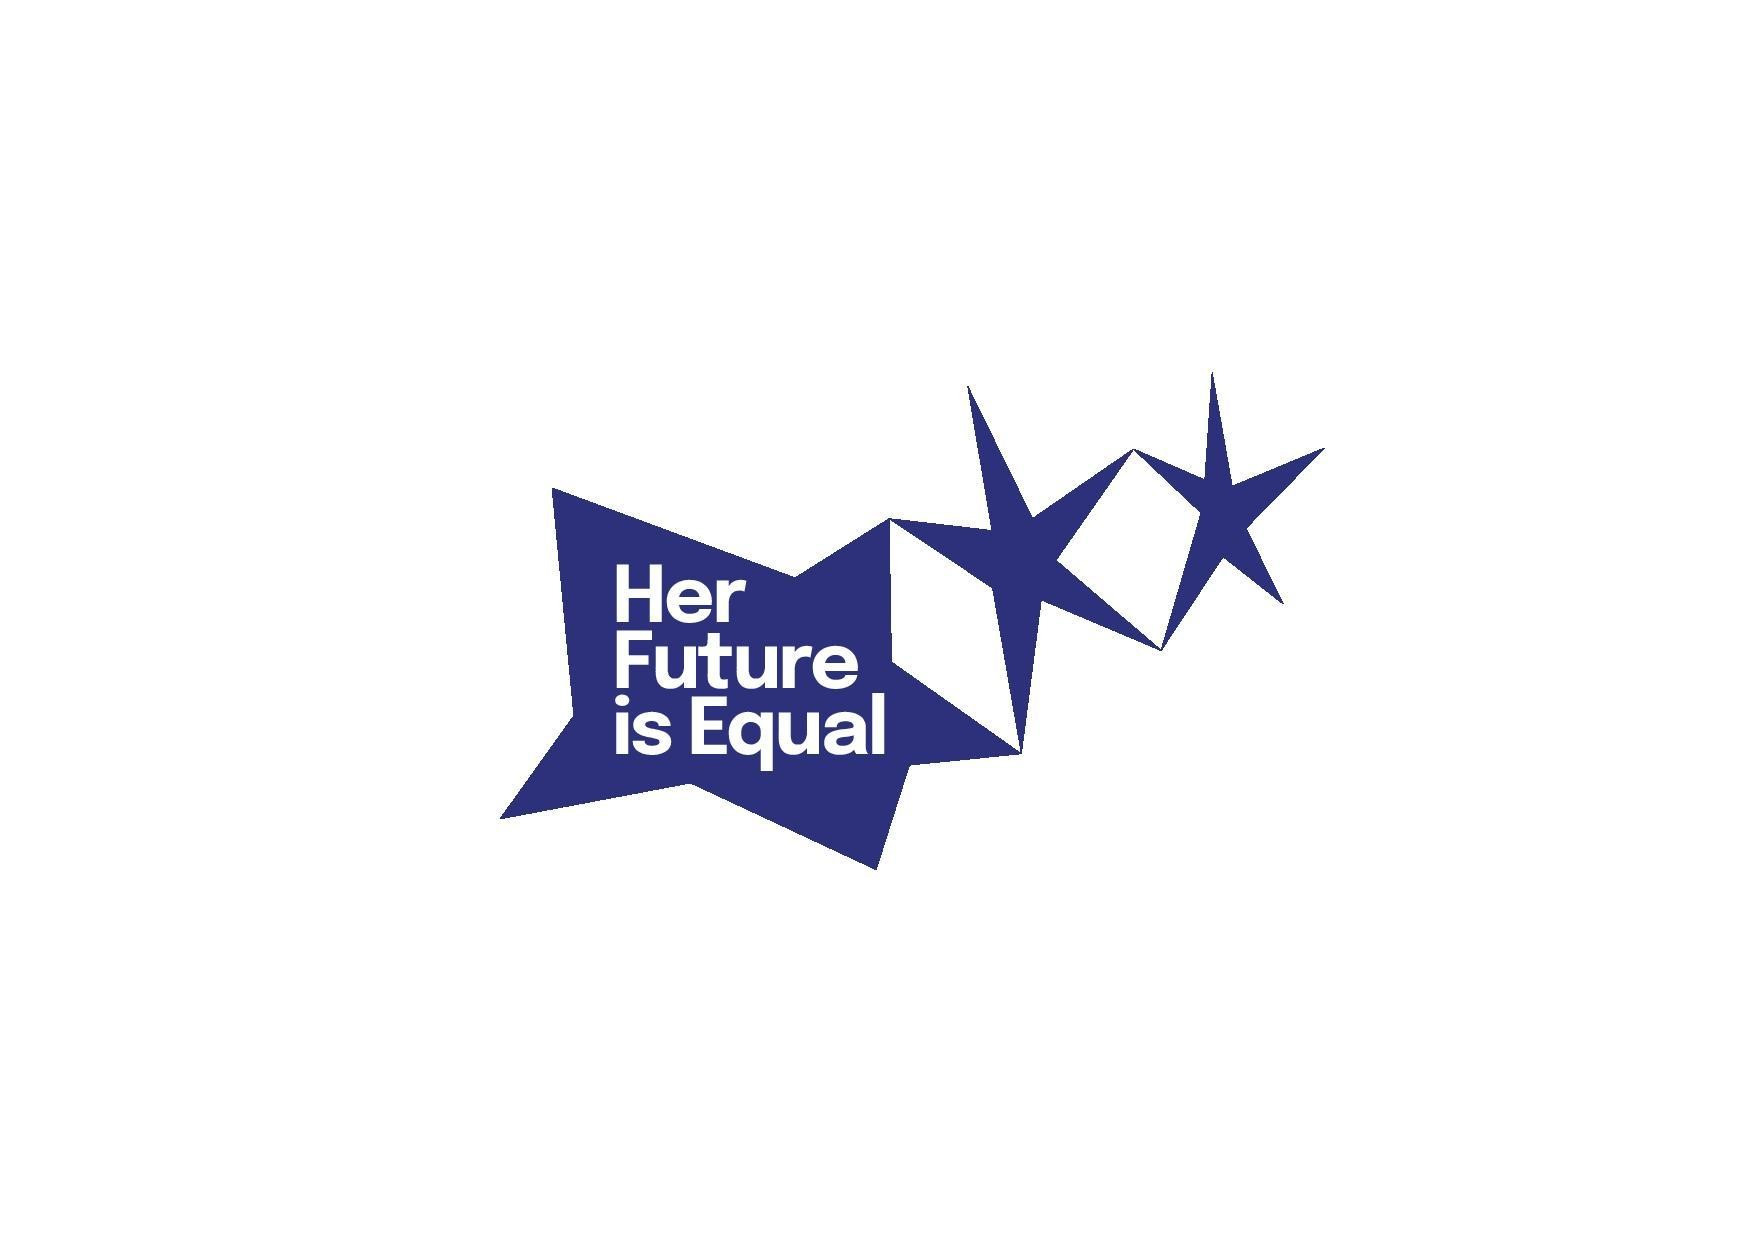 HerFutureIsEqual